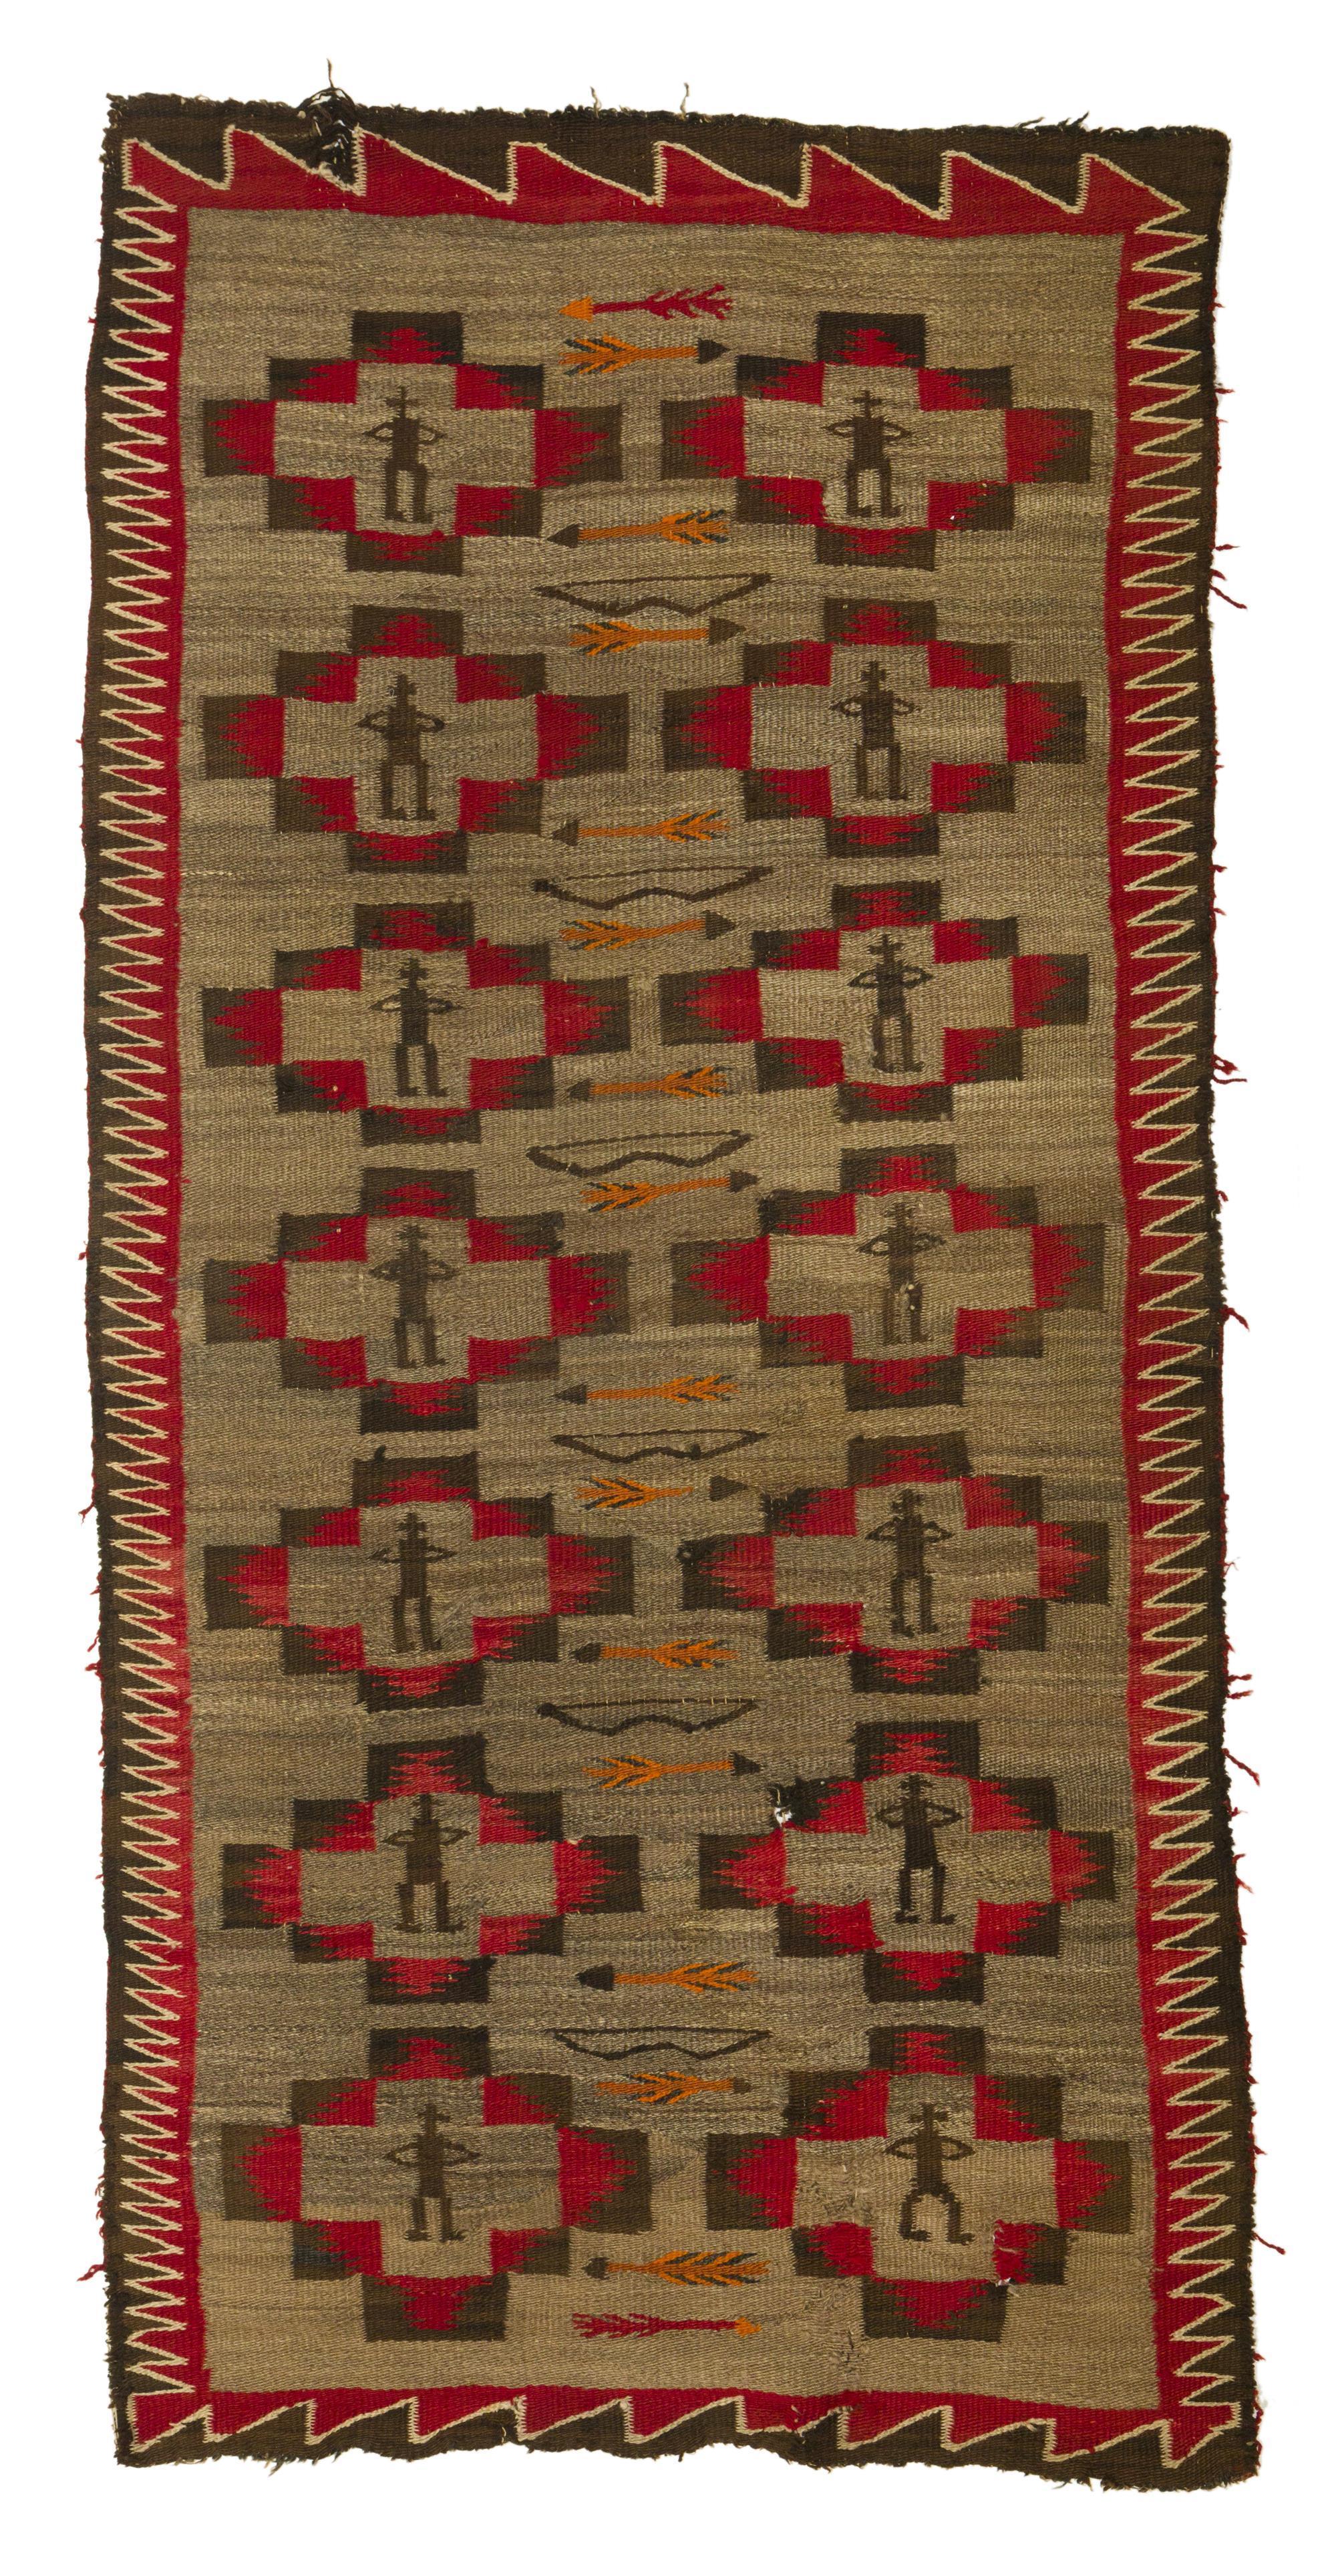 A Navajo Regional polychrome pictorial rug